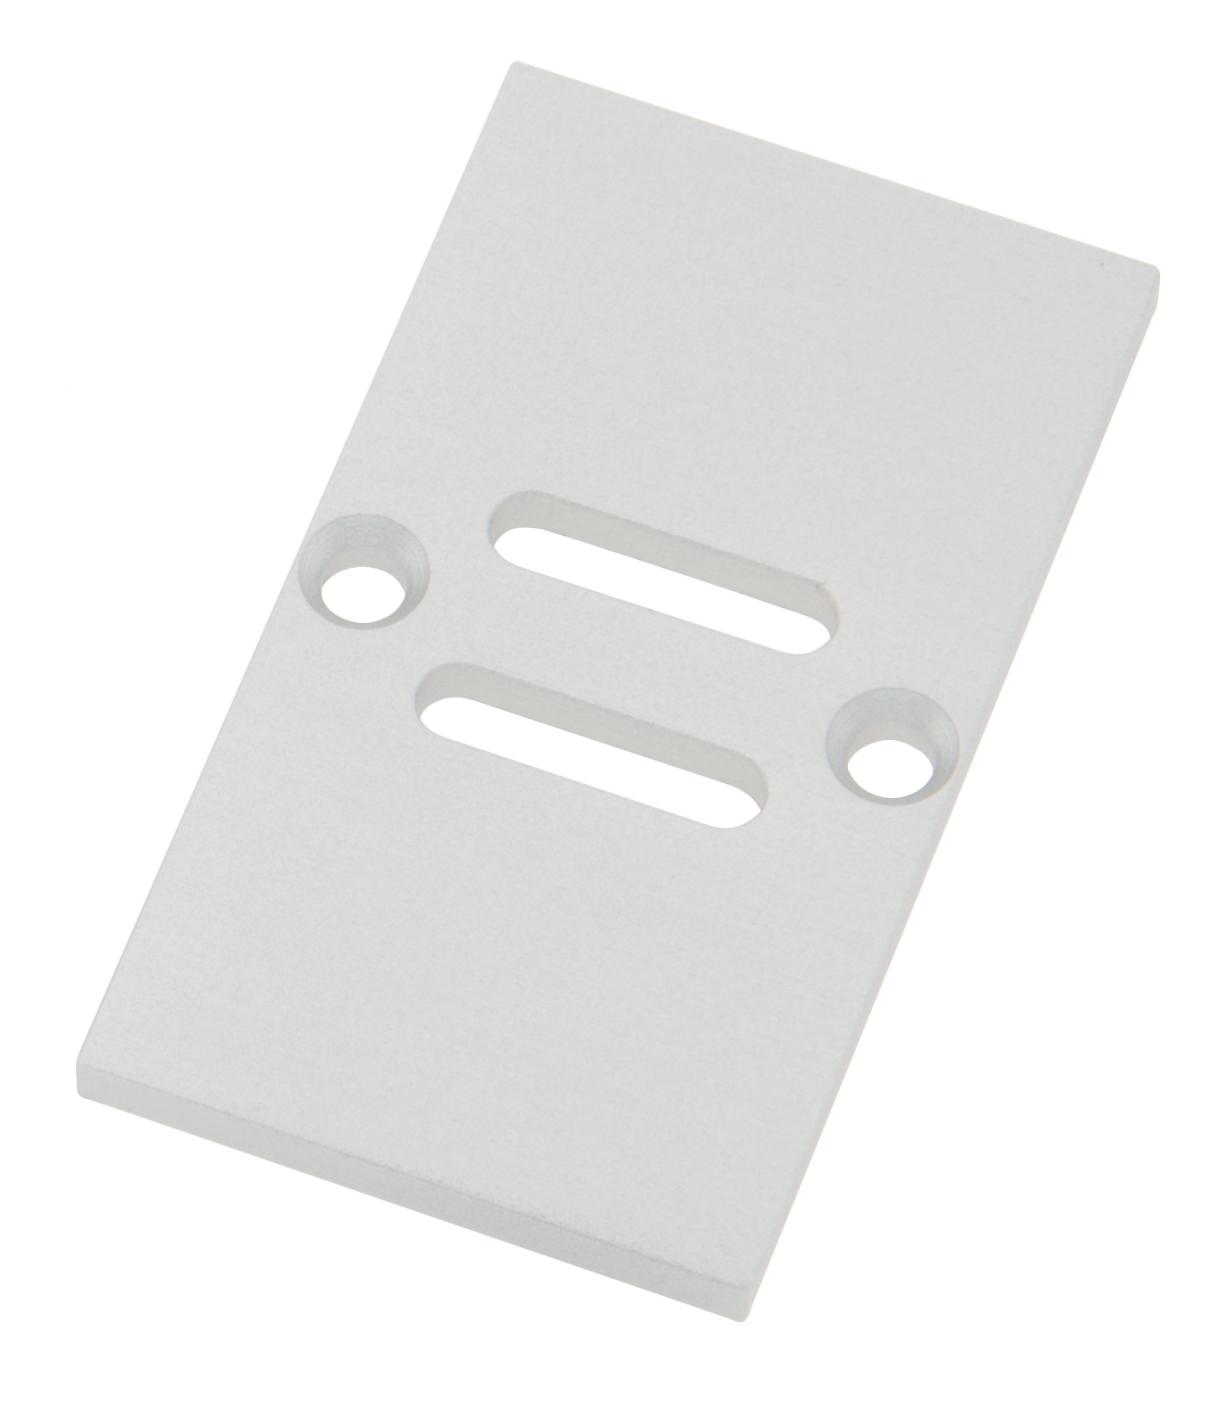 1 Stk Profil Endkappe TBH Eckig mit Langloch inkl. Schrauben LIEK002721